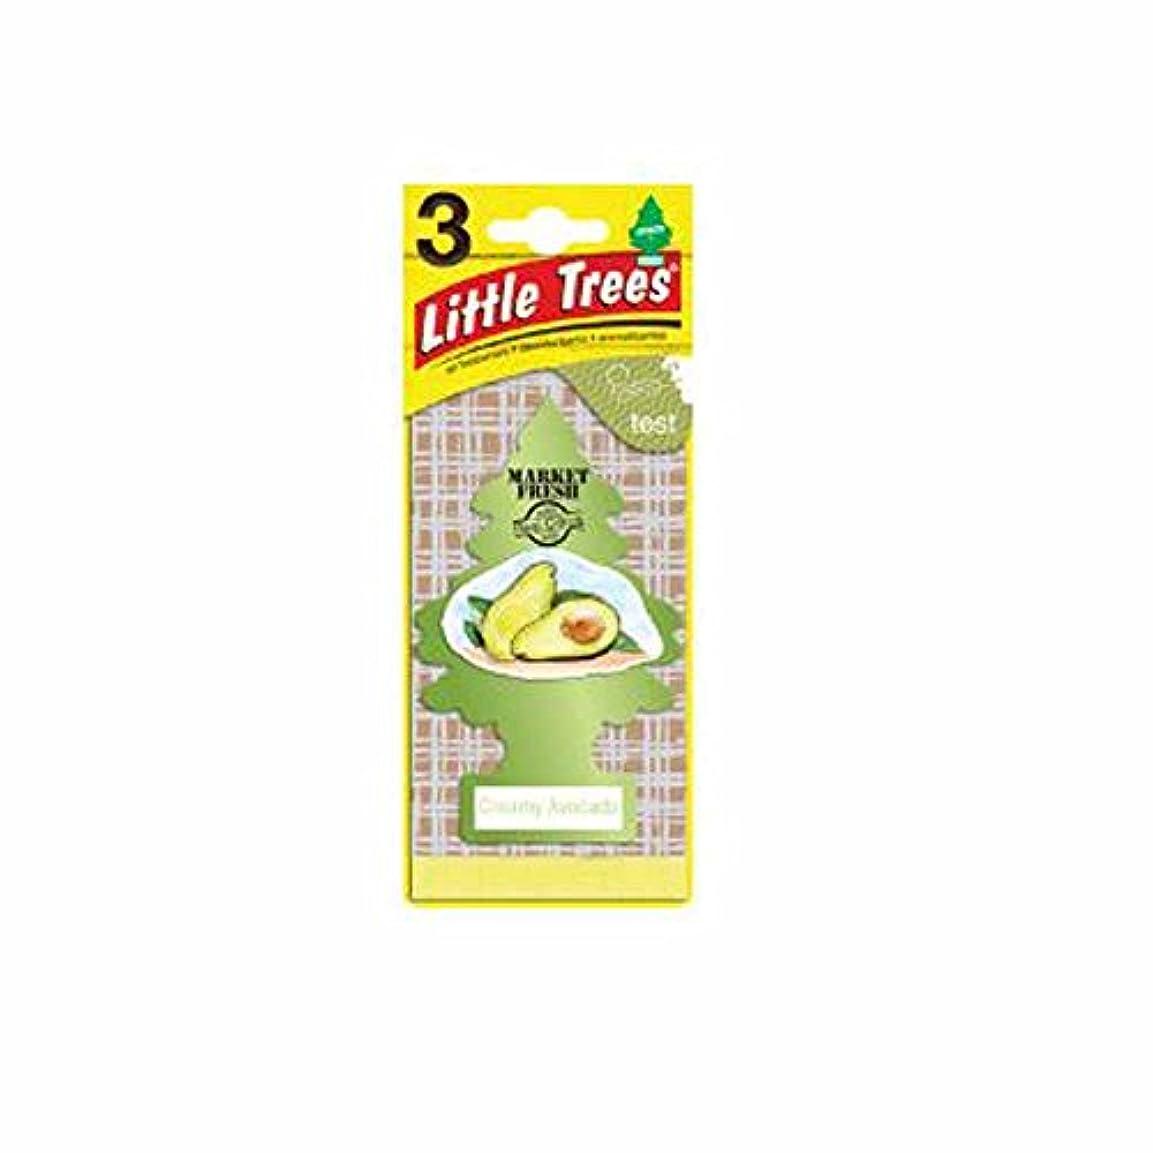 関数シート不一致Little Trees 吊下げタイプ エアーフレッシュナー creamy avocado(クリーミーアボカド) 3枚セット(3P) U3S-37340